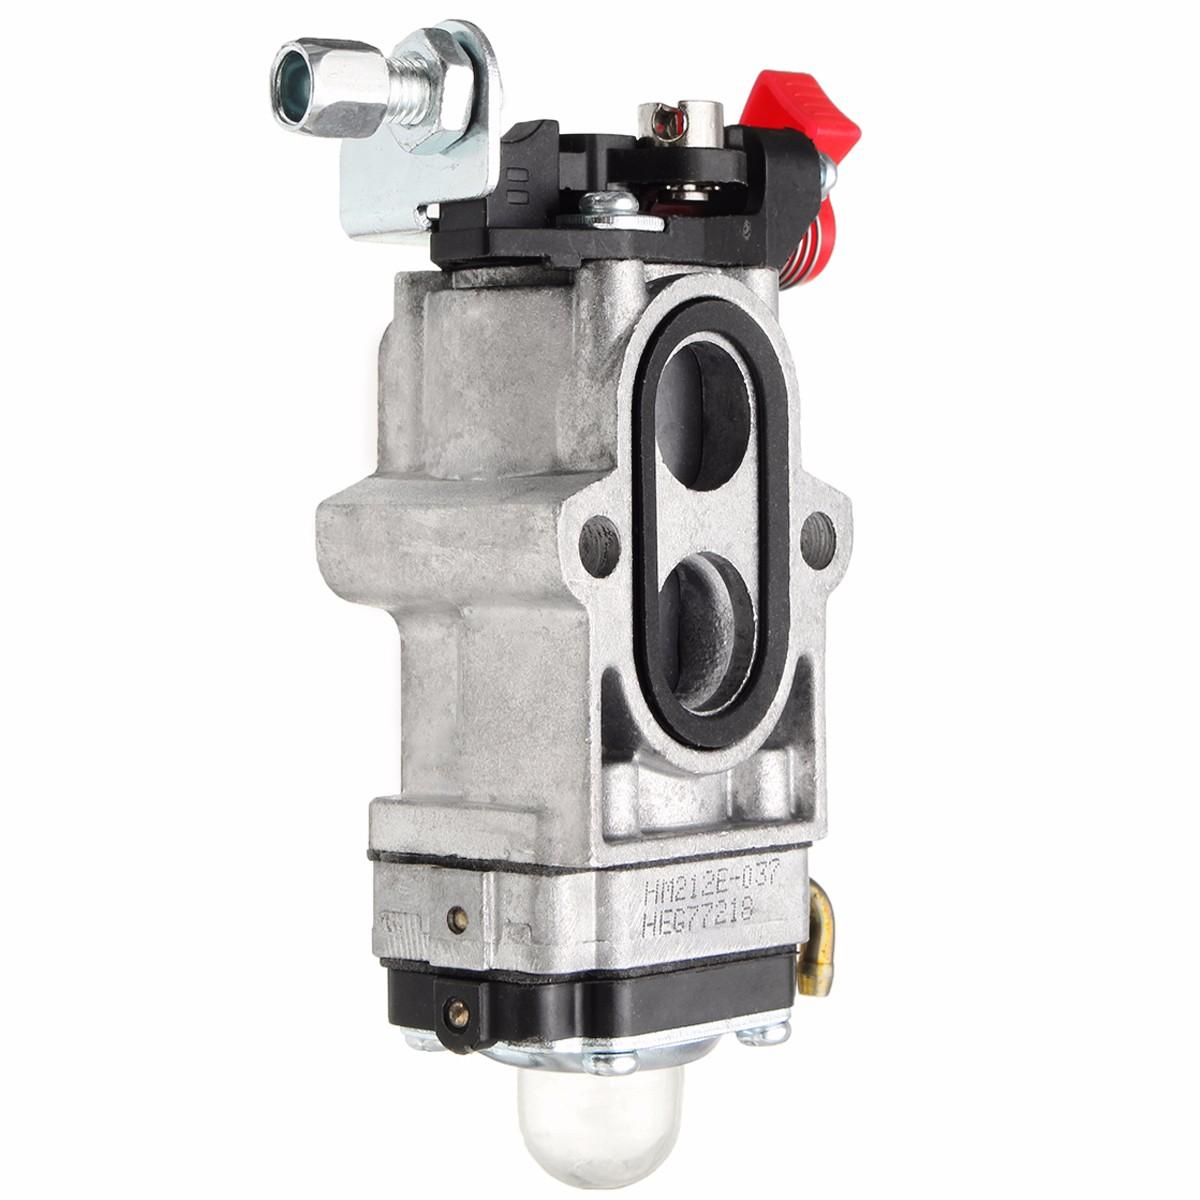 Carburetor For Walbro WYA-79 Husqvarna 350BT 150BT Backpack Blower Carb